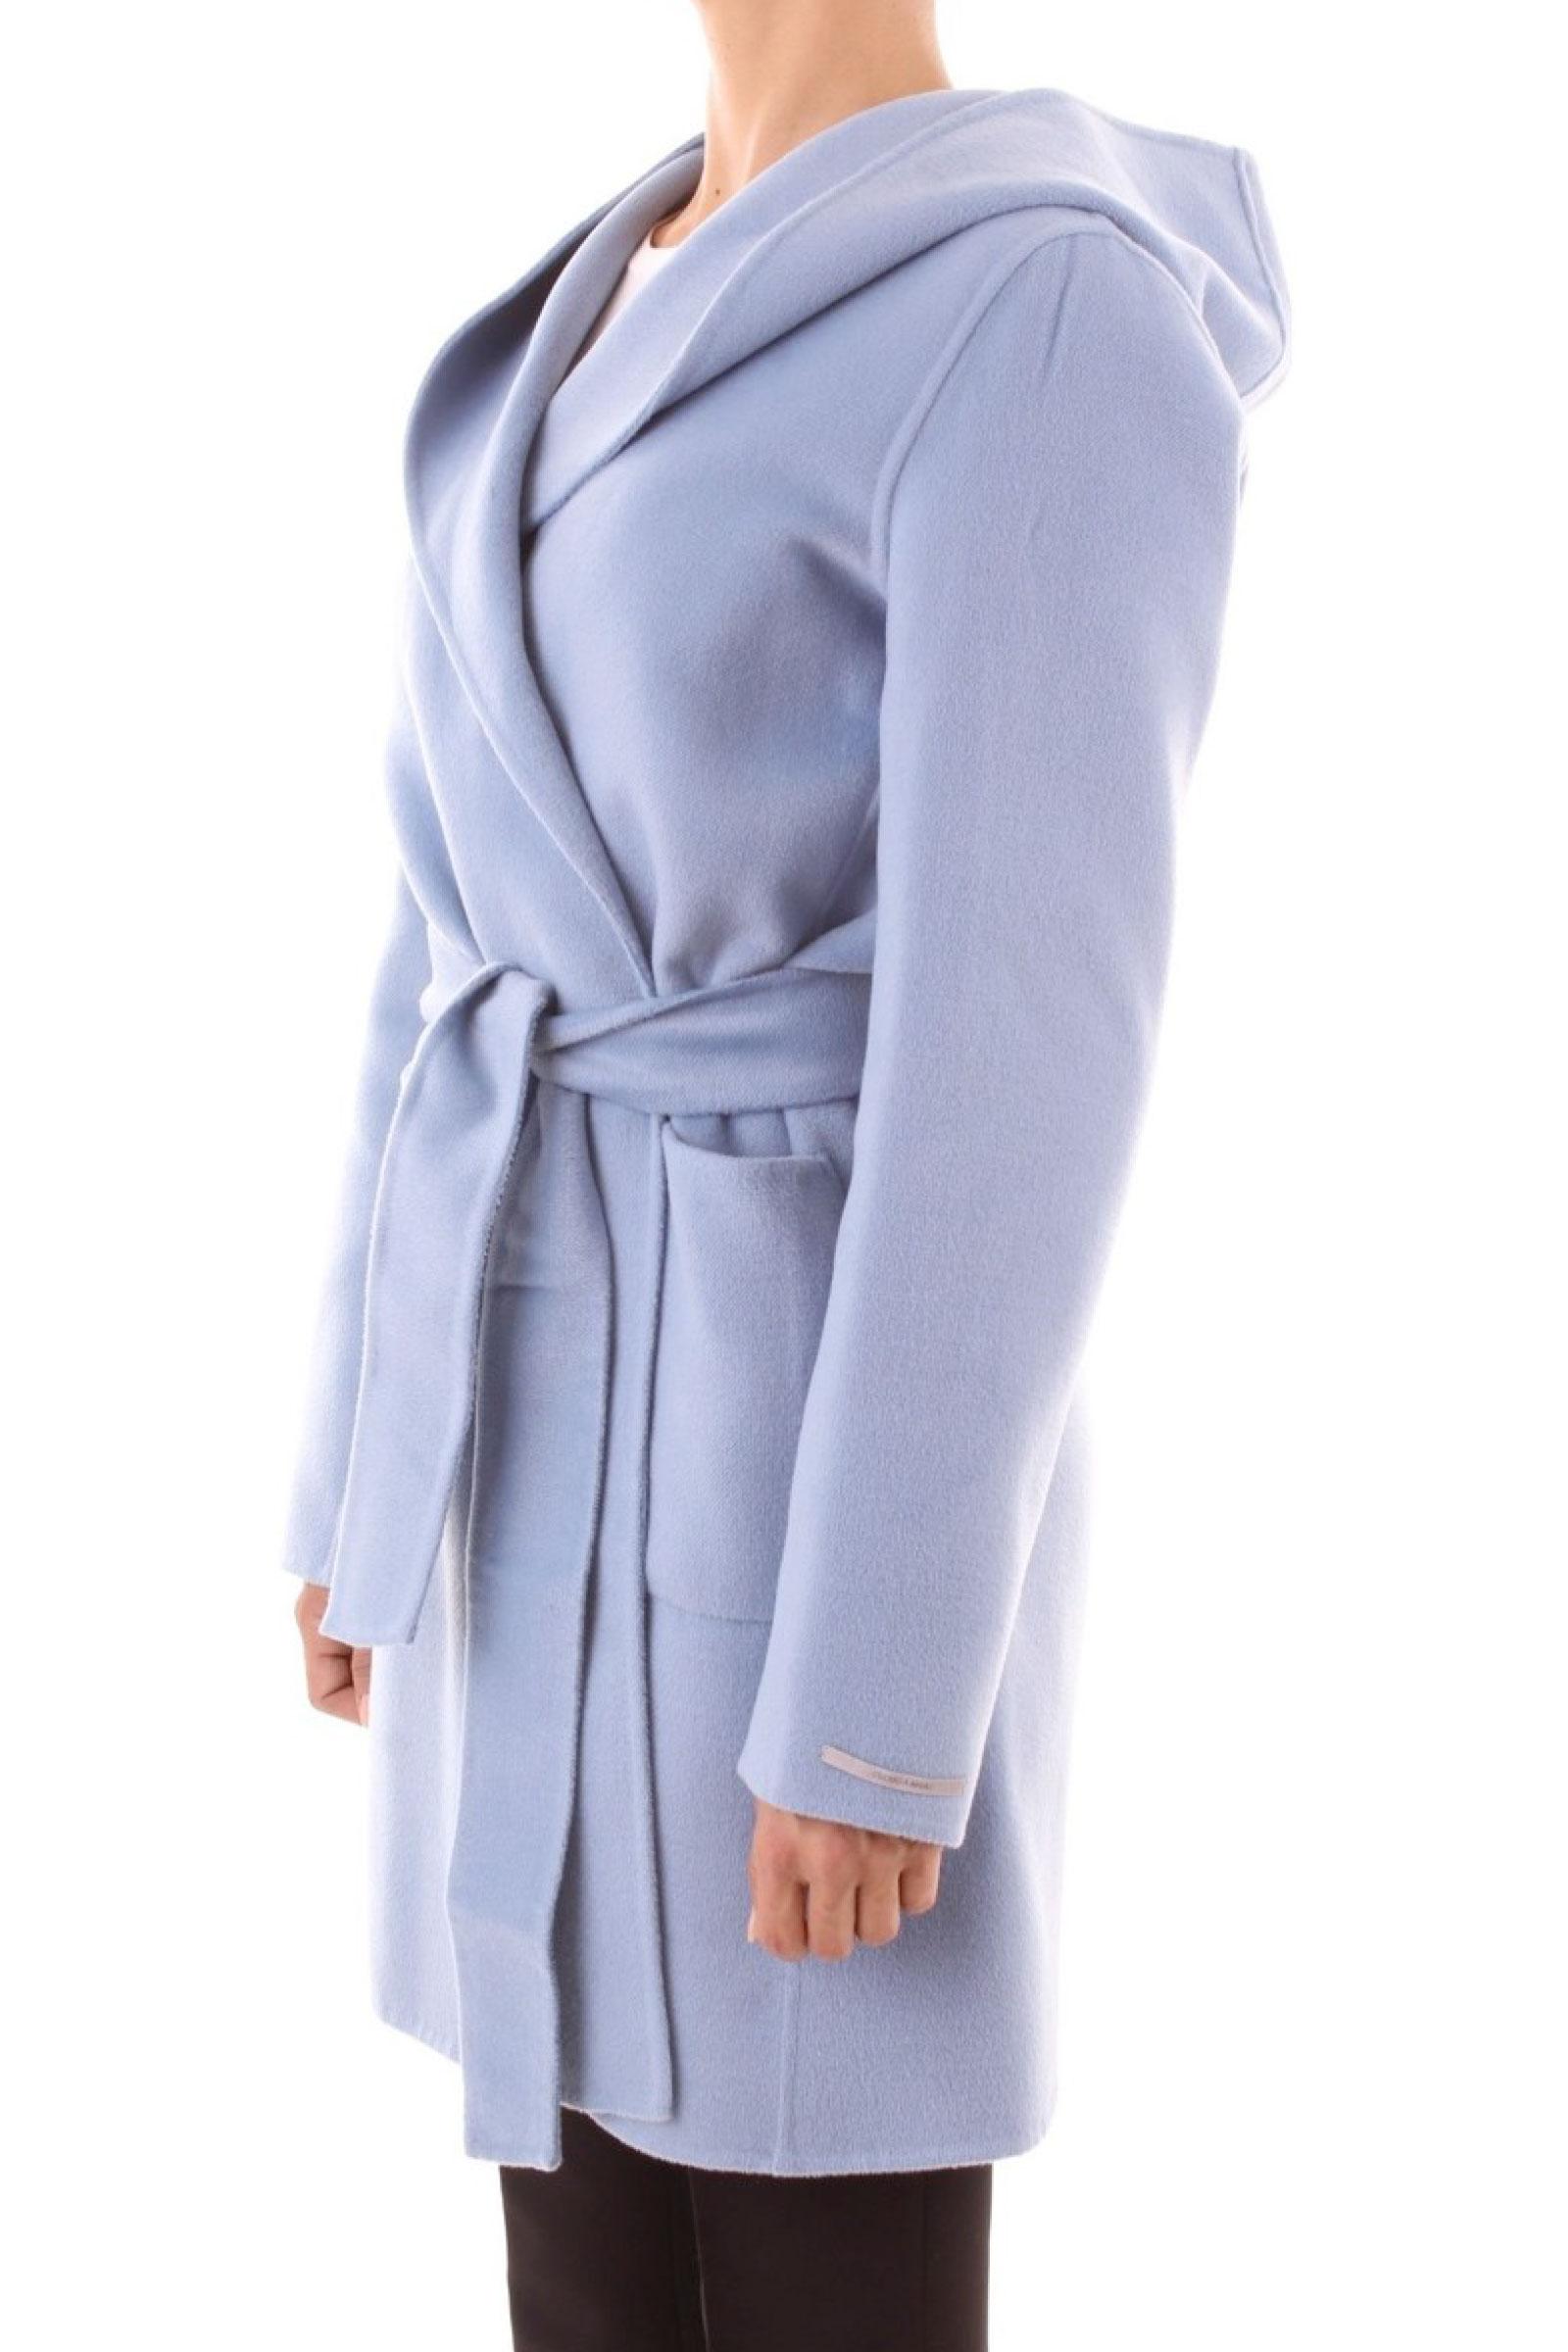 Cappotto Donna Modello PROVOLA EMME MARELLA | Cappotto | 50160119200002